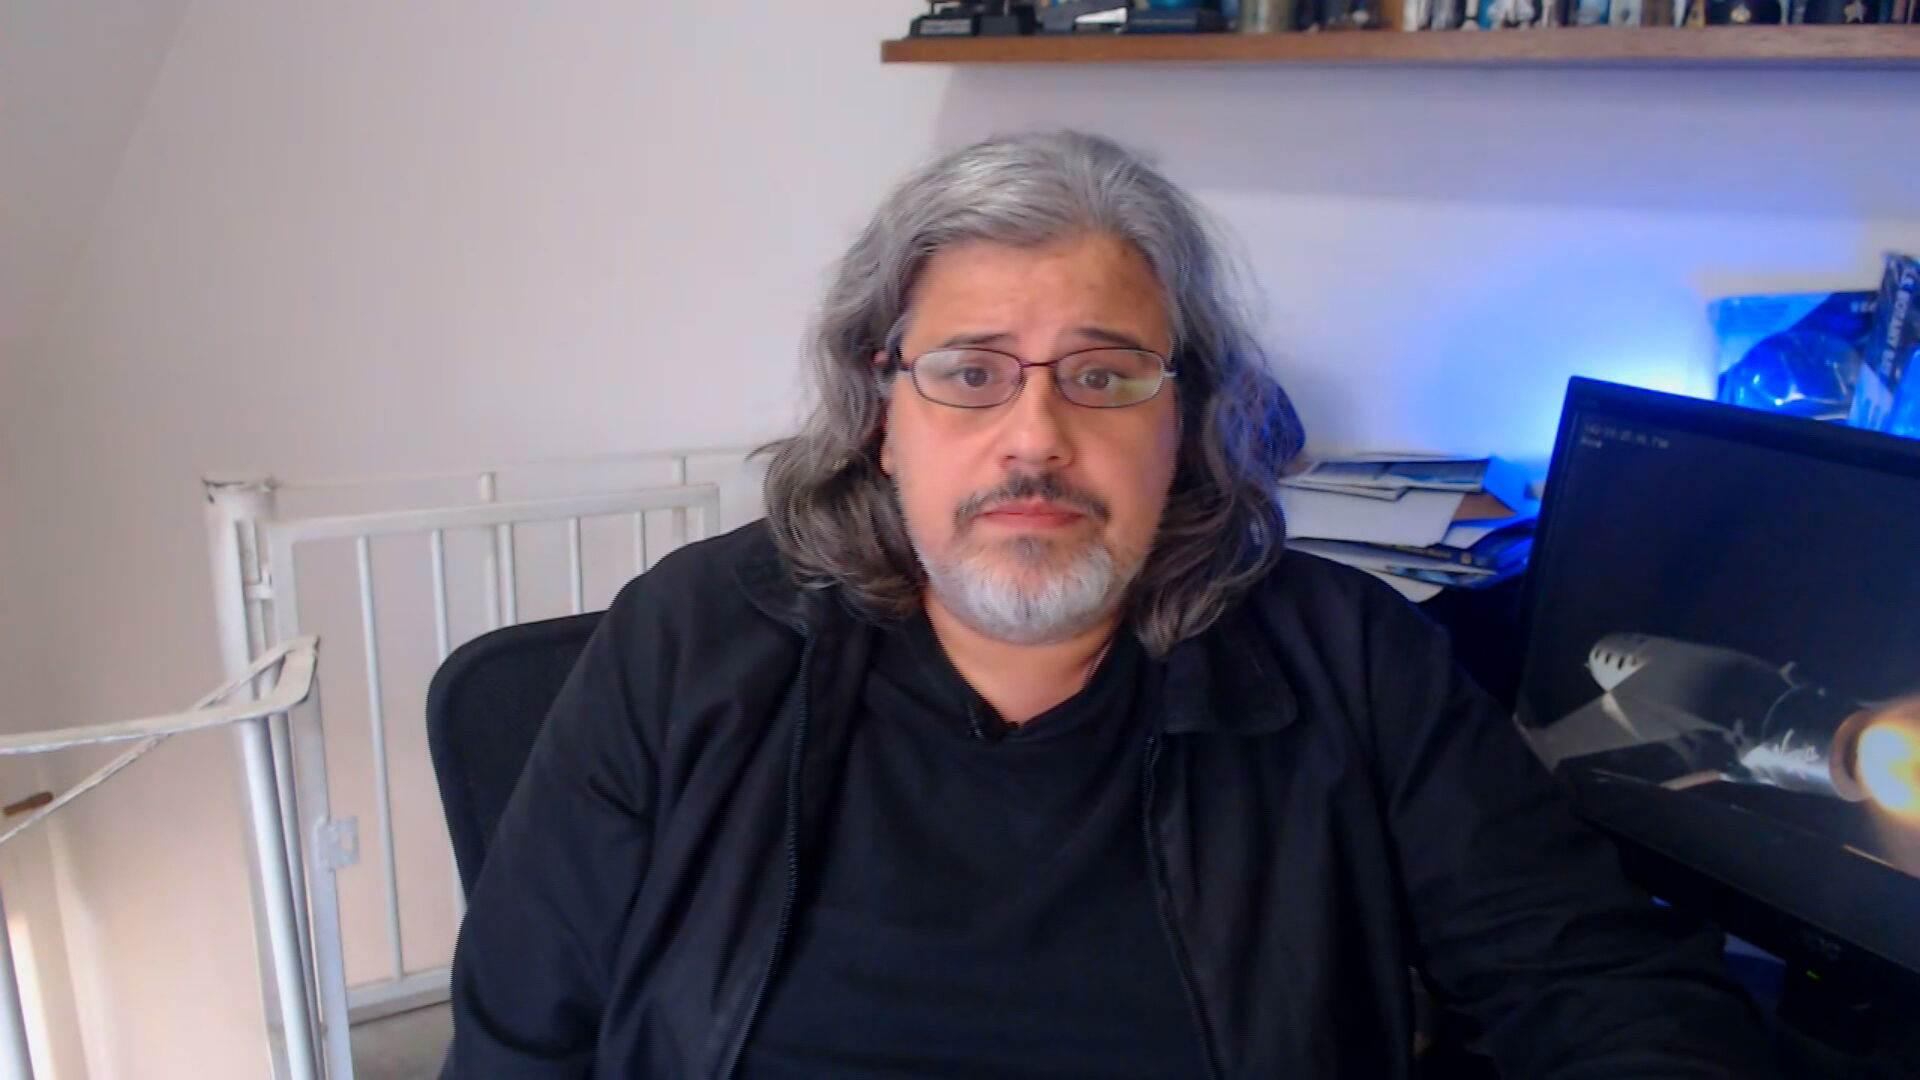 Salvador Nogueira, jornalista de ciência e sócio fundador da AAB (11.Jul.2021)